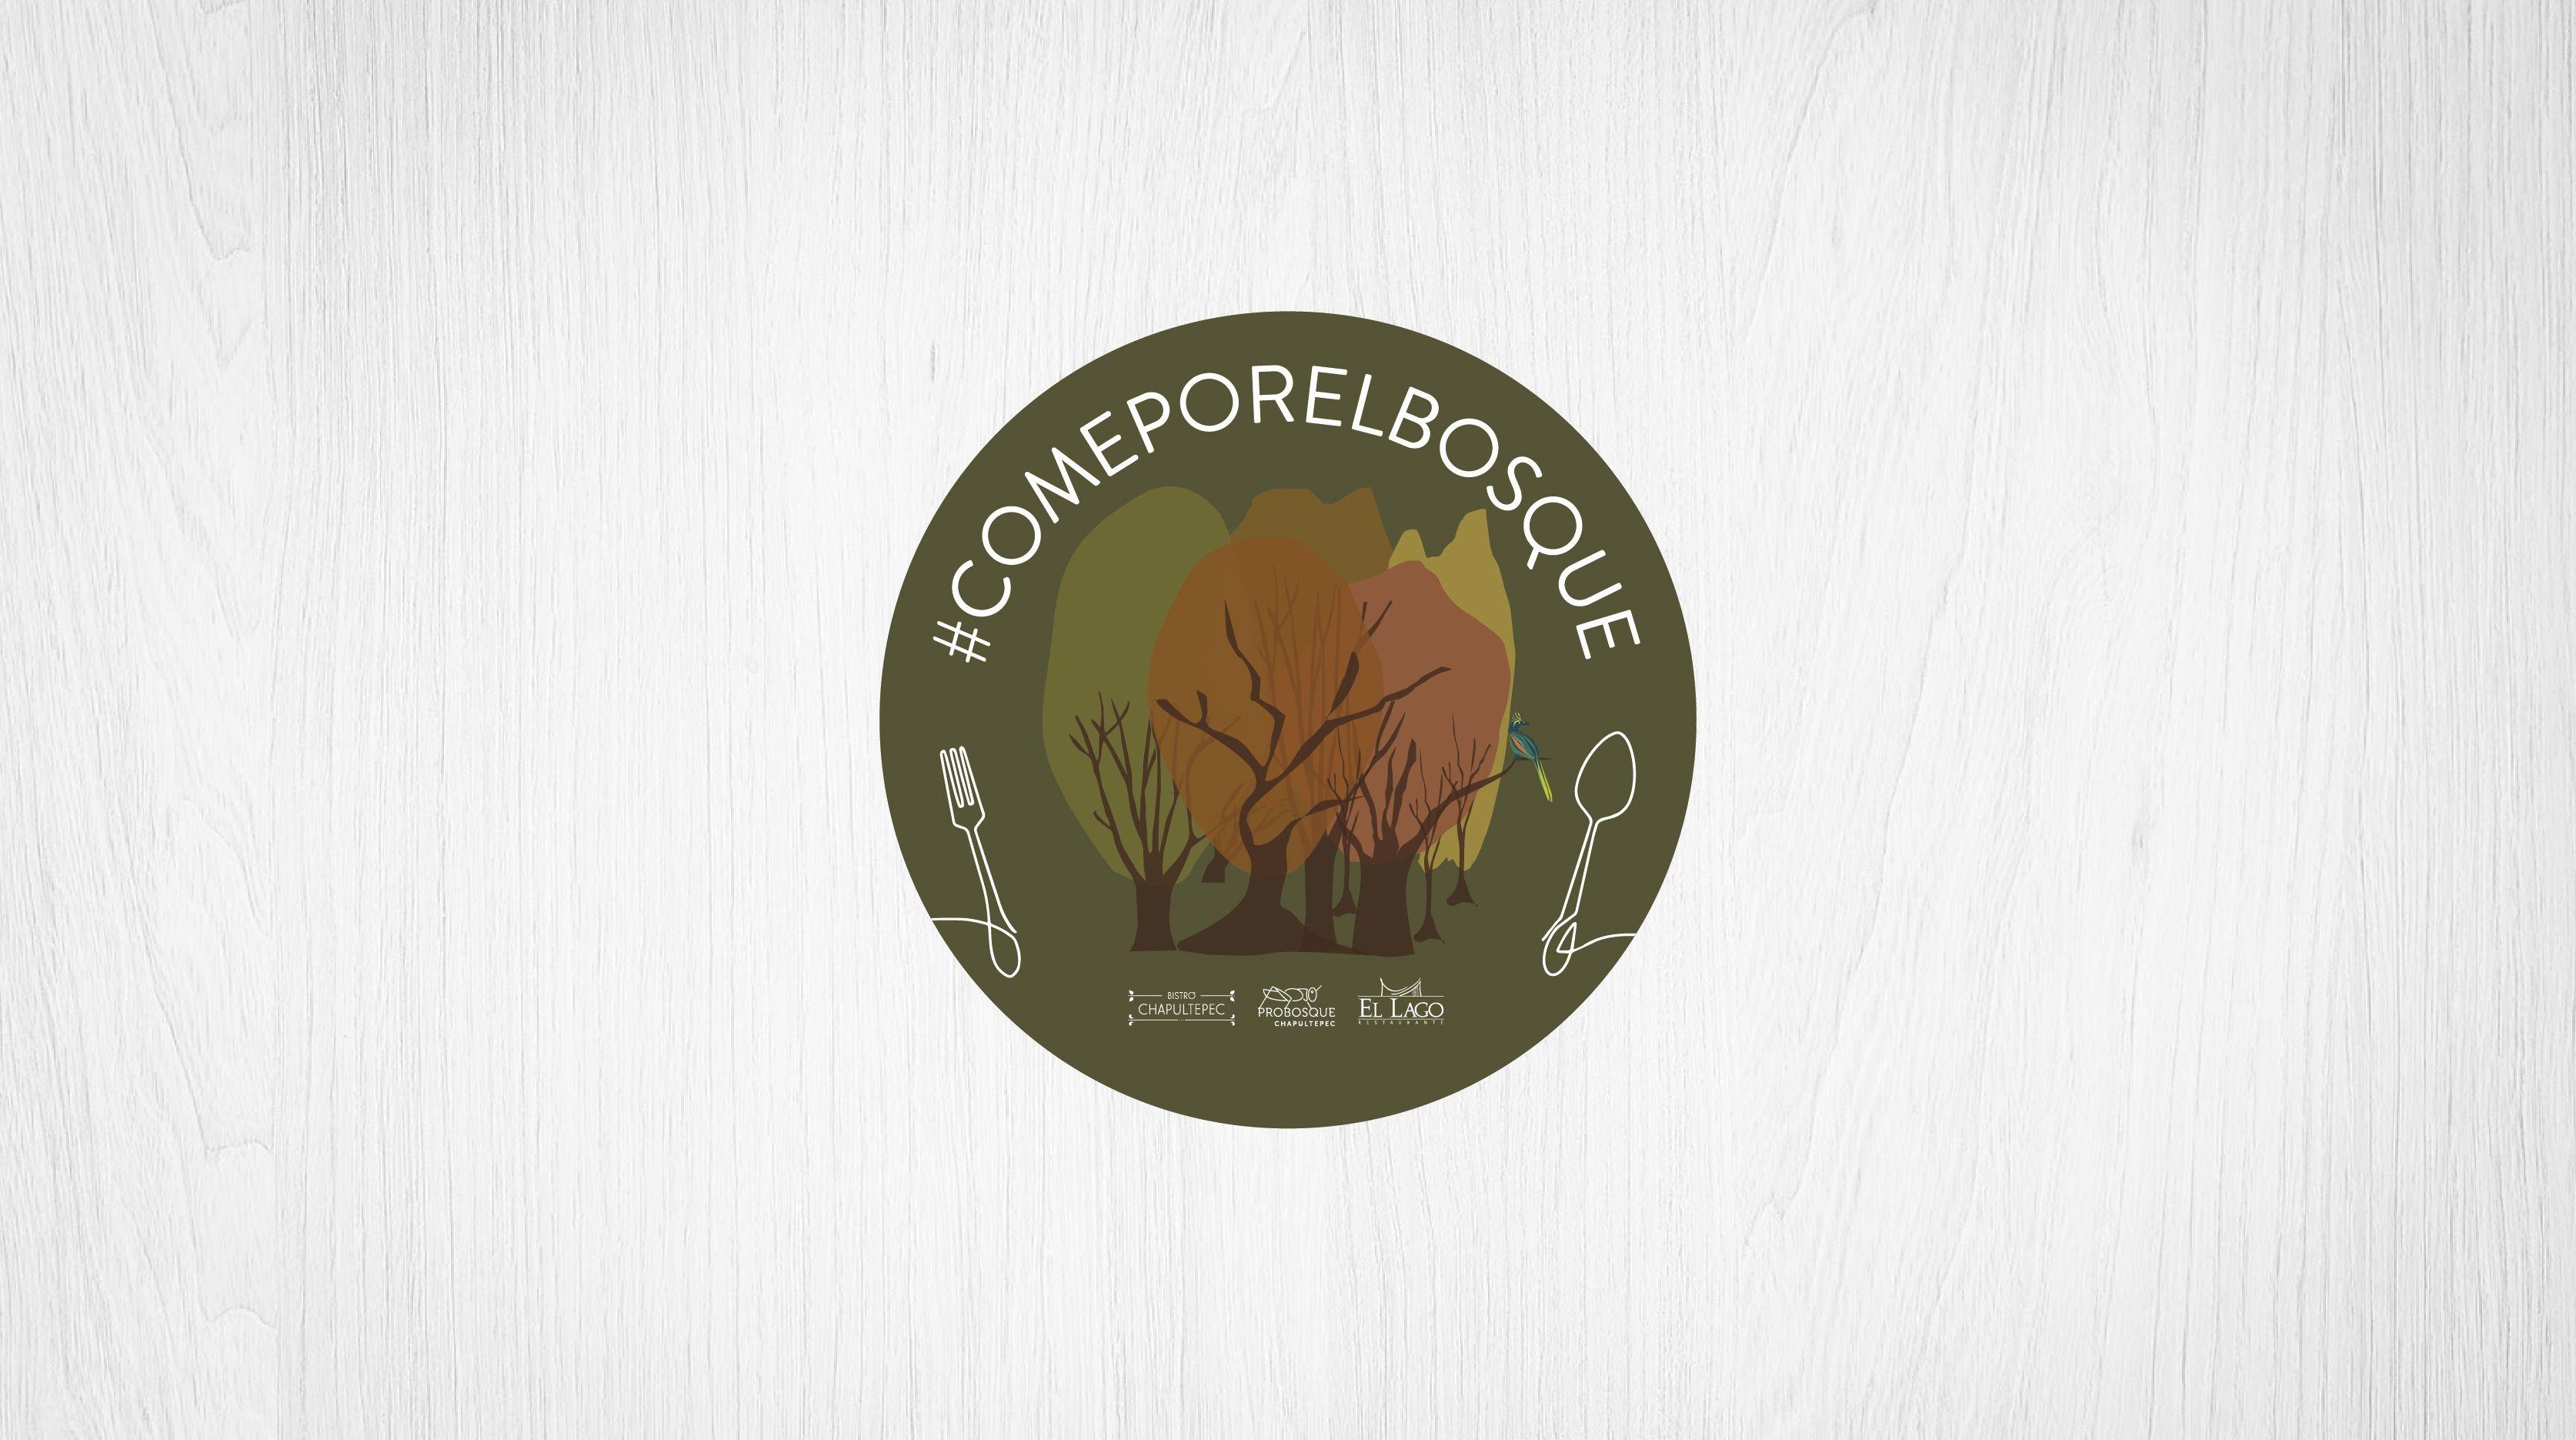 Fotografia Alianza CMR - Pro Bosque